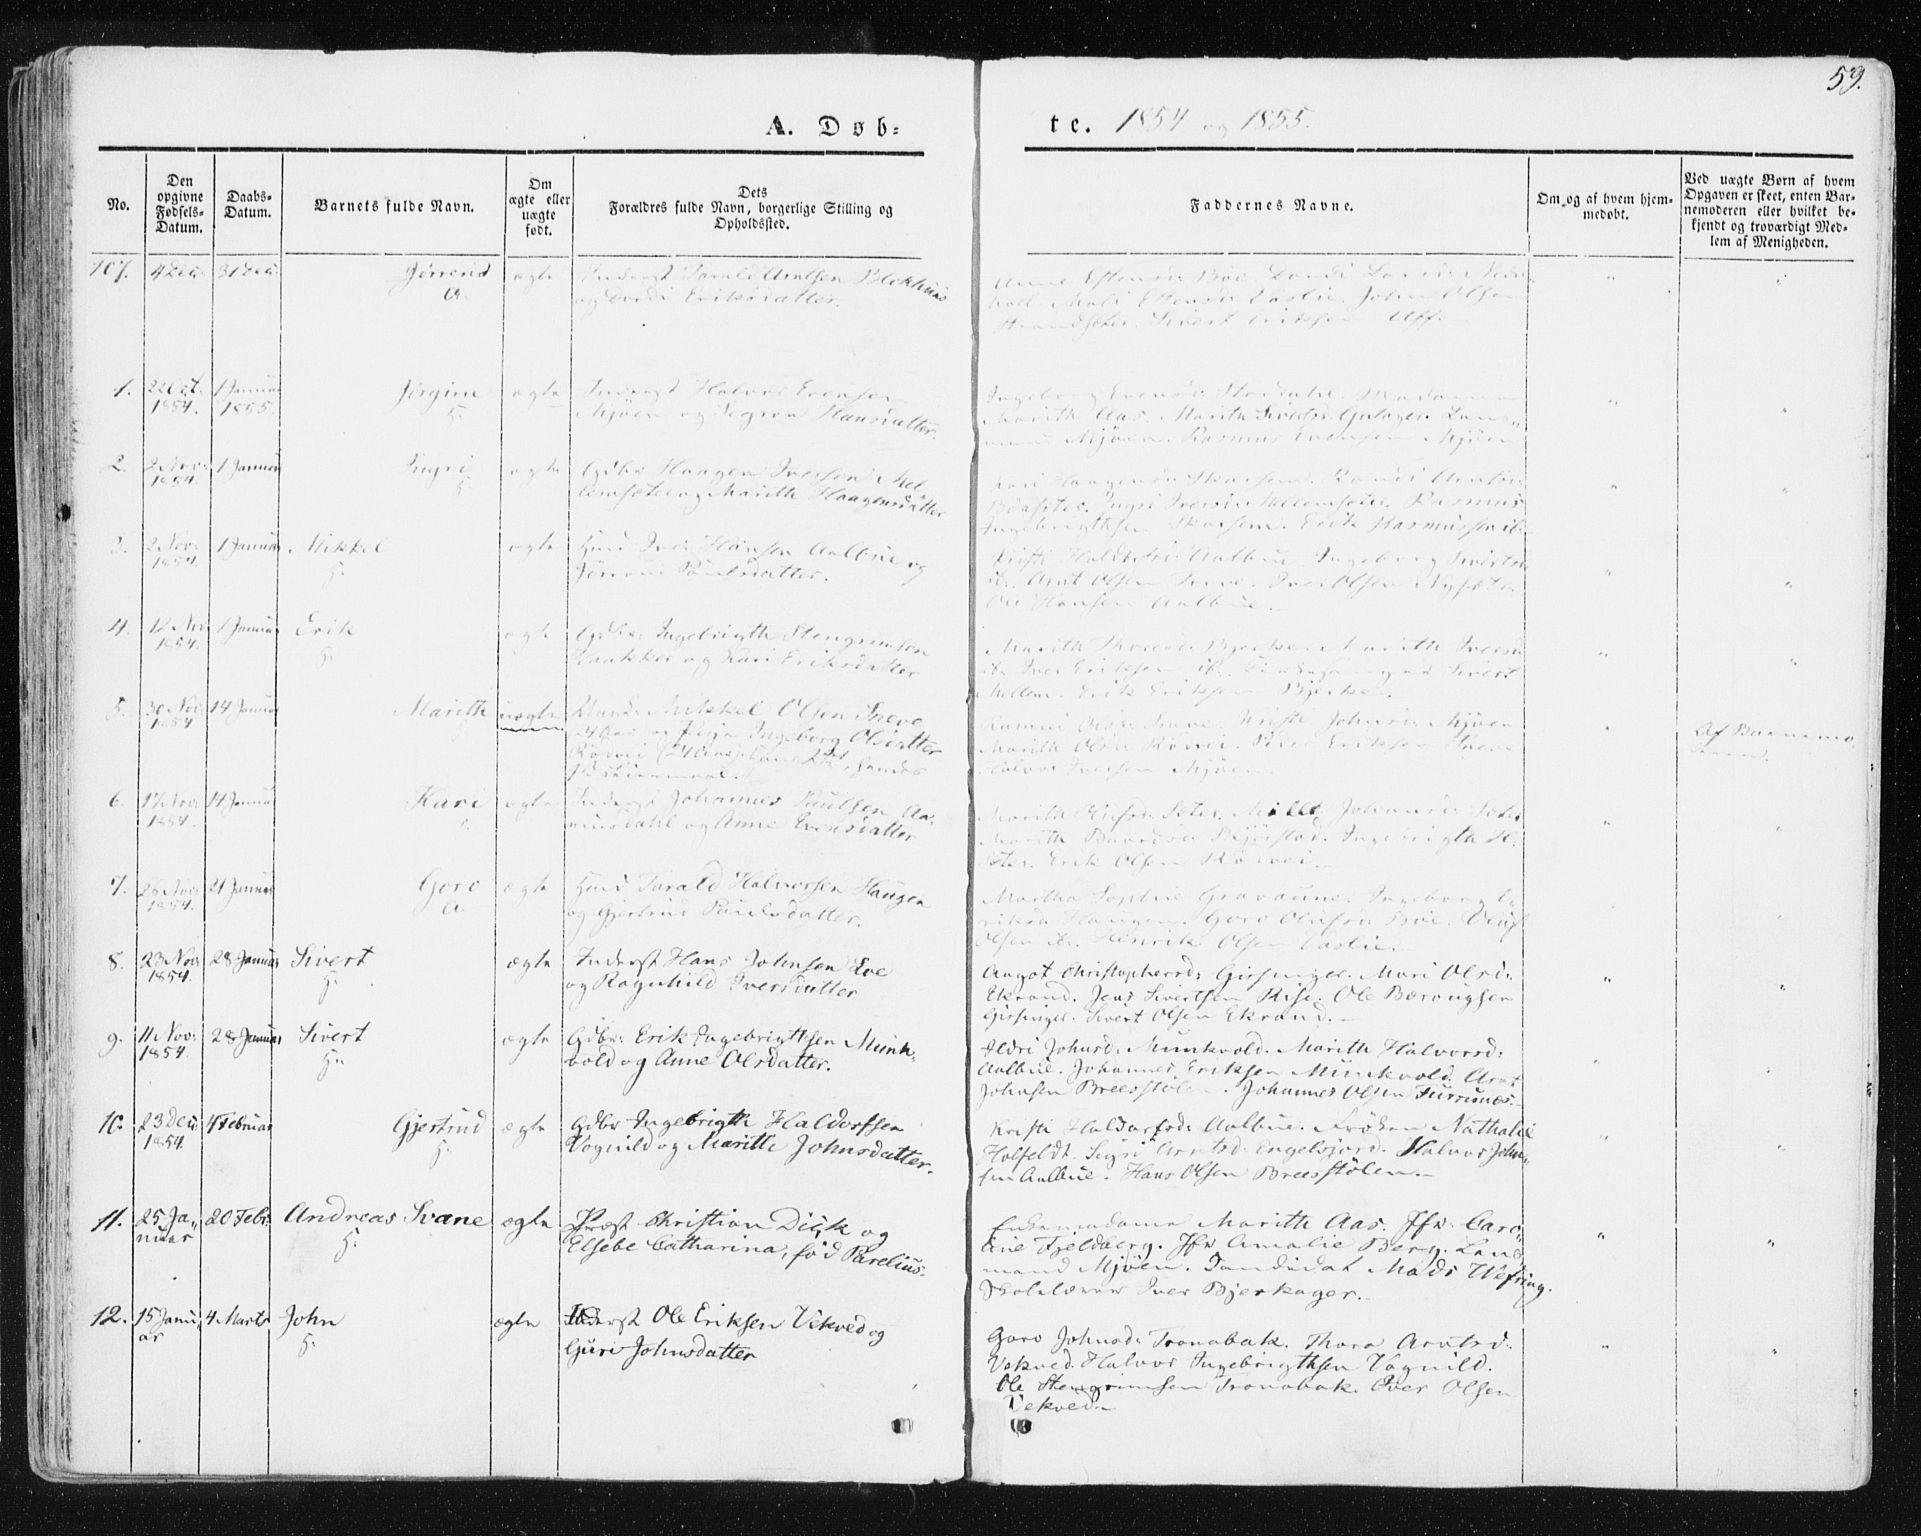 SAT, Ministerialprotokoller, klokkerbøker og fødselsregistre - Sør-Trøndelag, 678/L0899: Ministerialbok nr. 678A08, 1848-1872, s. 59